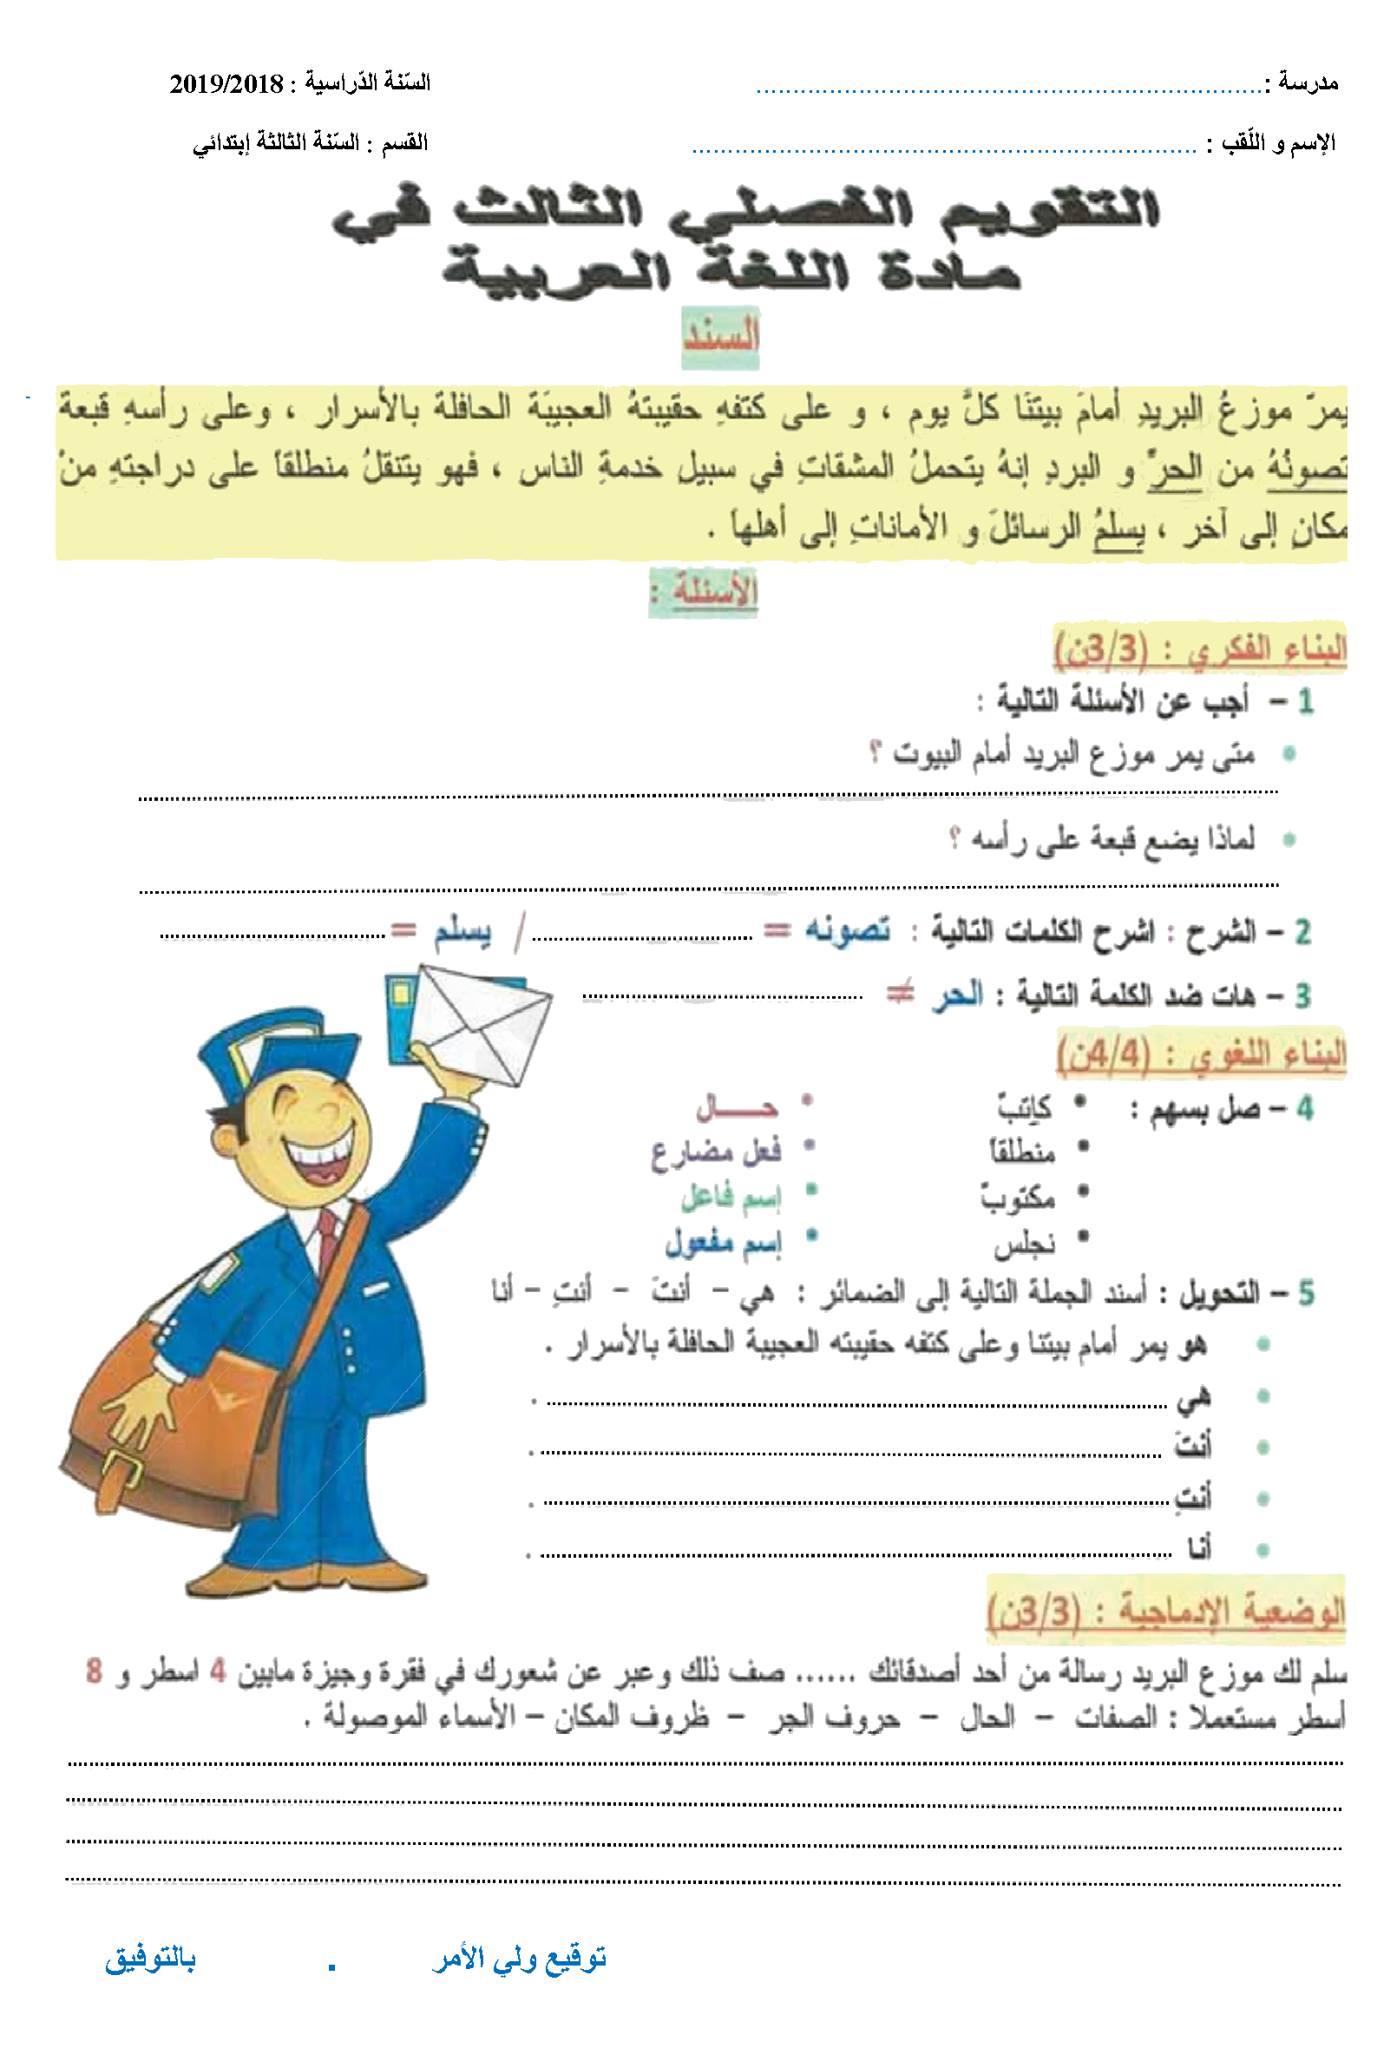 اختبار الفصل الثالث في اللغة العربية   السنة الثالثة ابتدائي   الموضوع 03